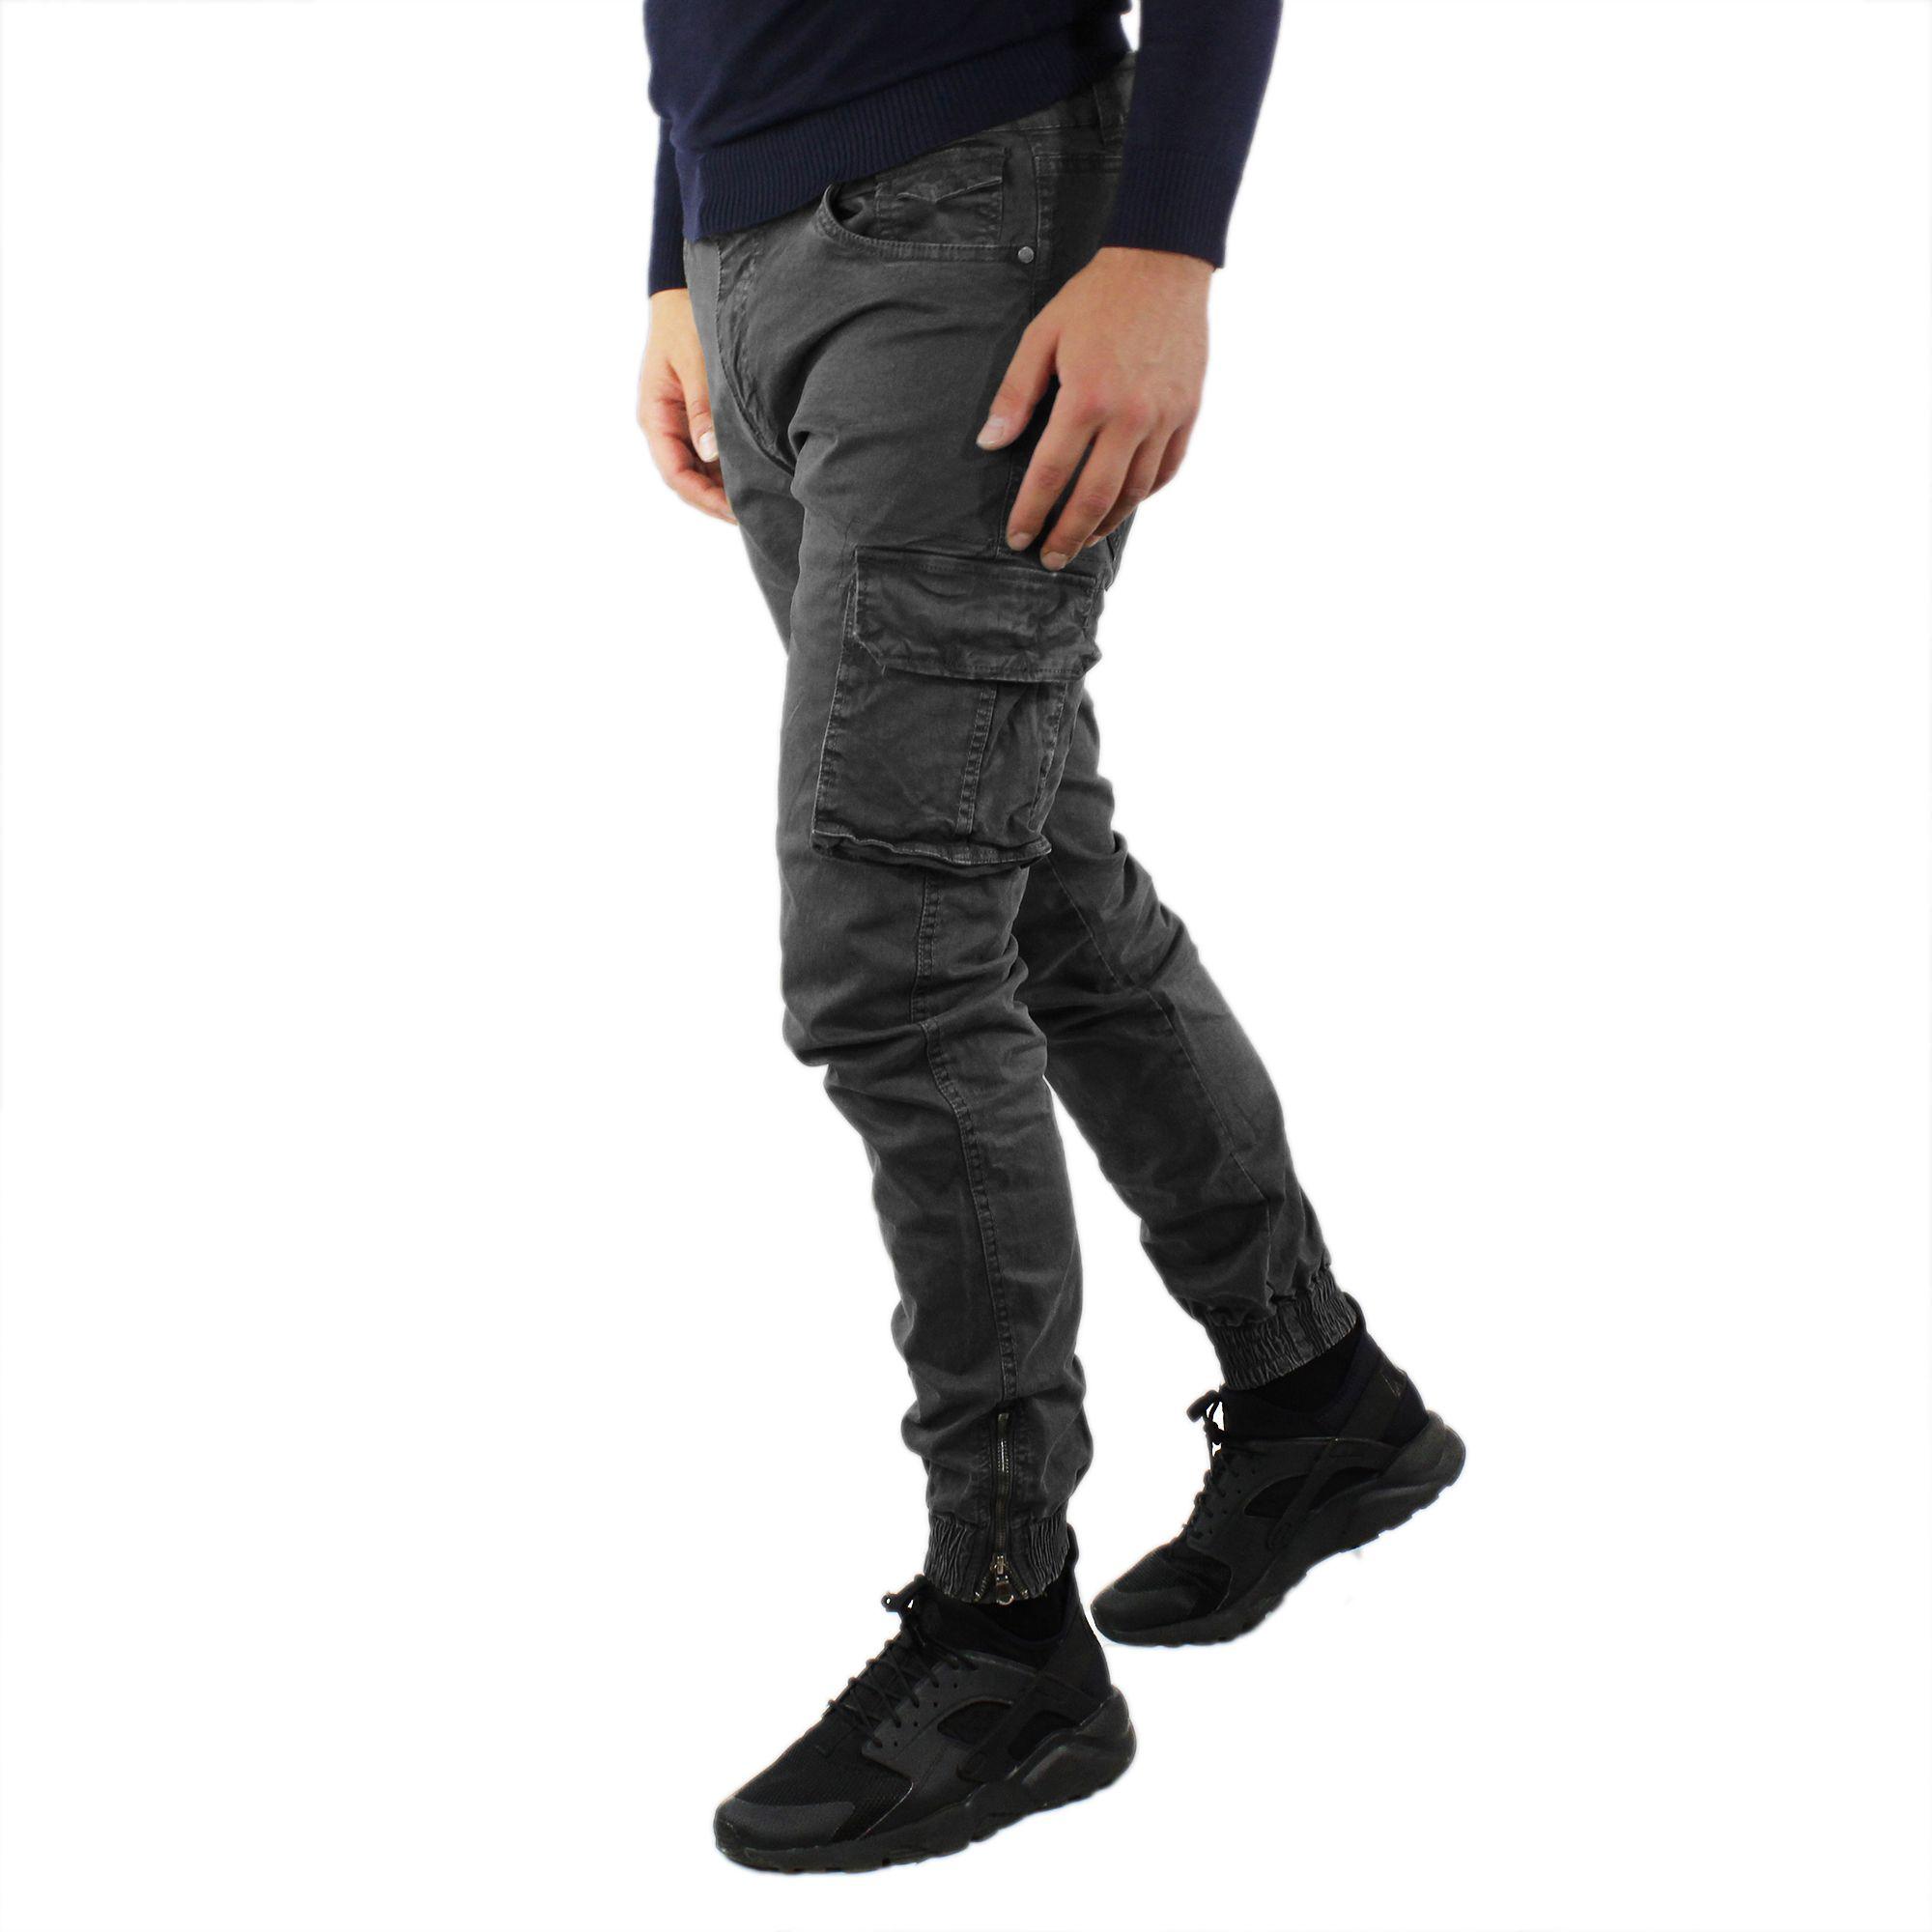 Pantaloni-Cargo-Uomo-Invernale-Tasche-Laterali-Cotone-Slim-Fit-Tasconi-Casual miniatura 4